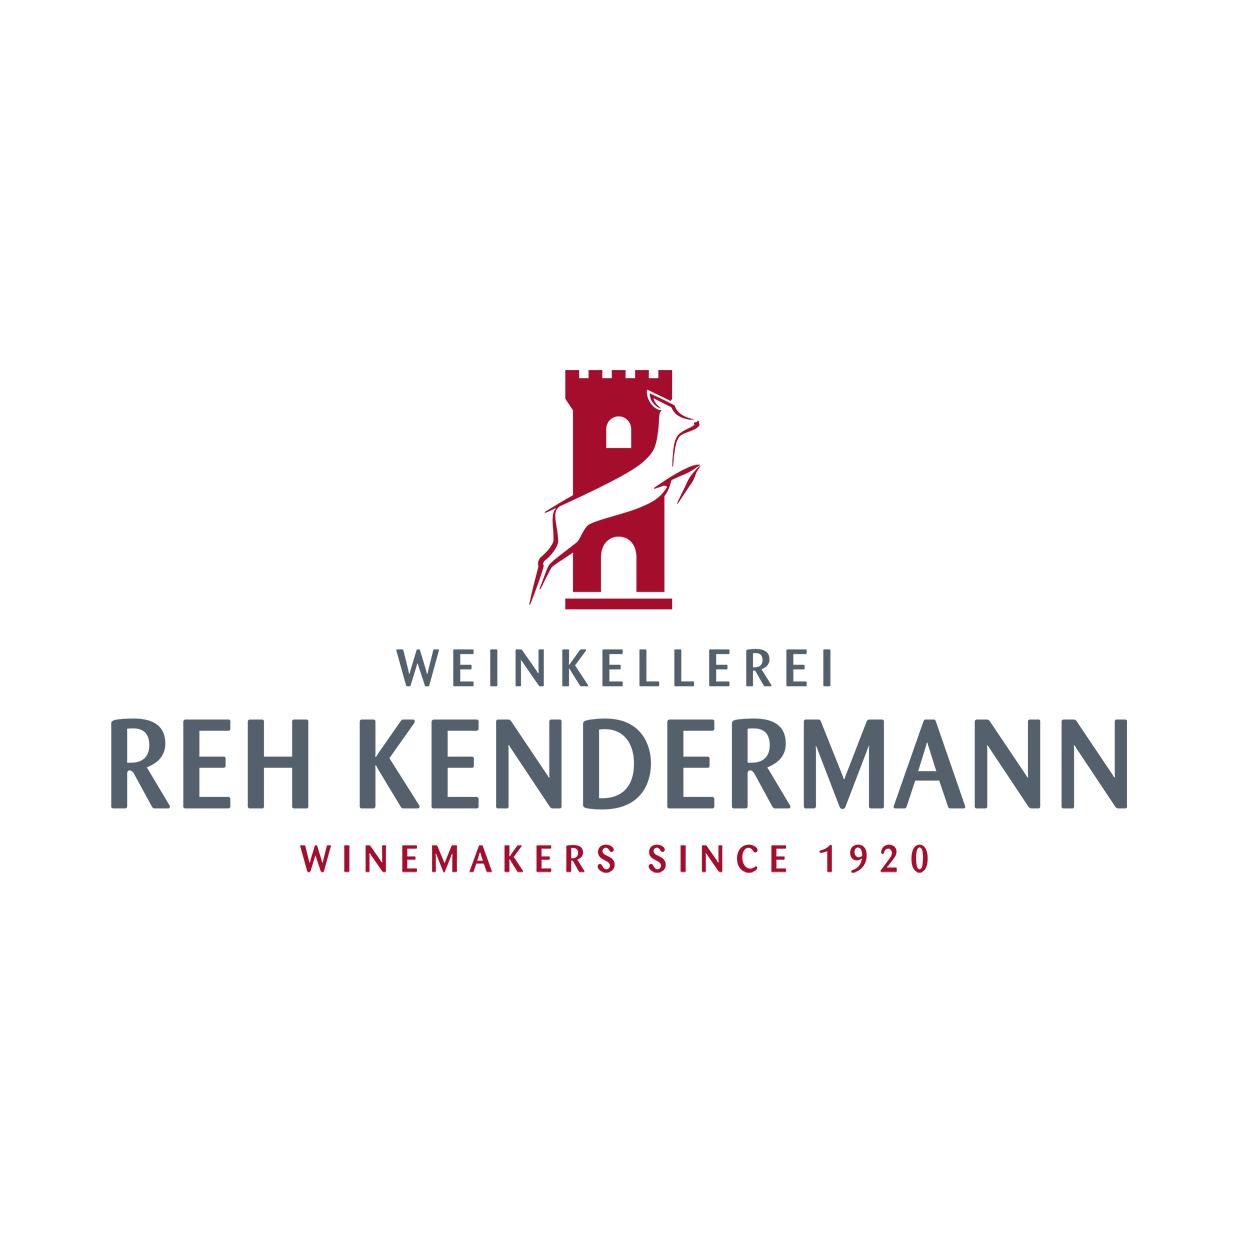 Logo_Reh-Kendermann_Zeichenfläche 1.jpg